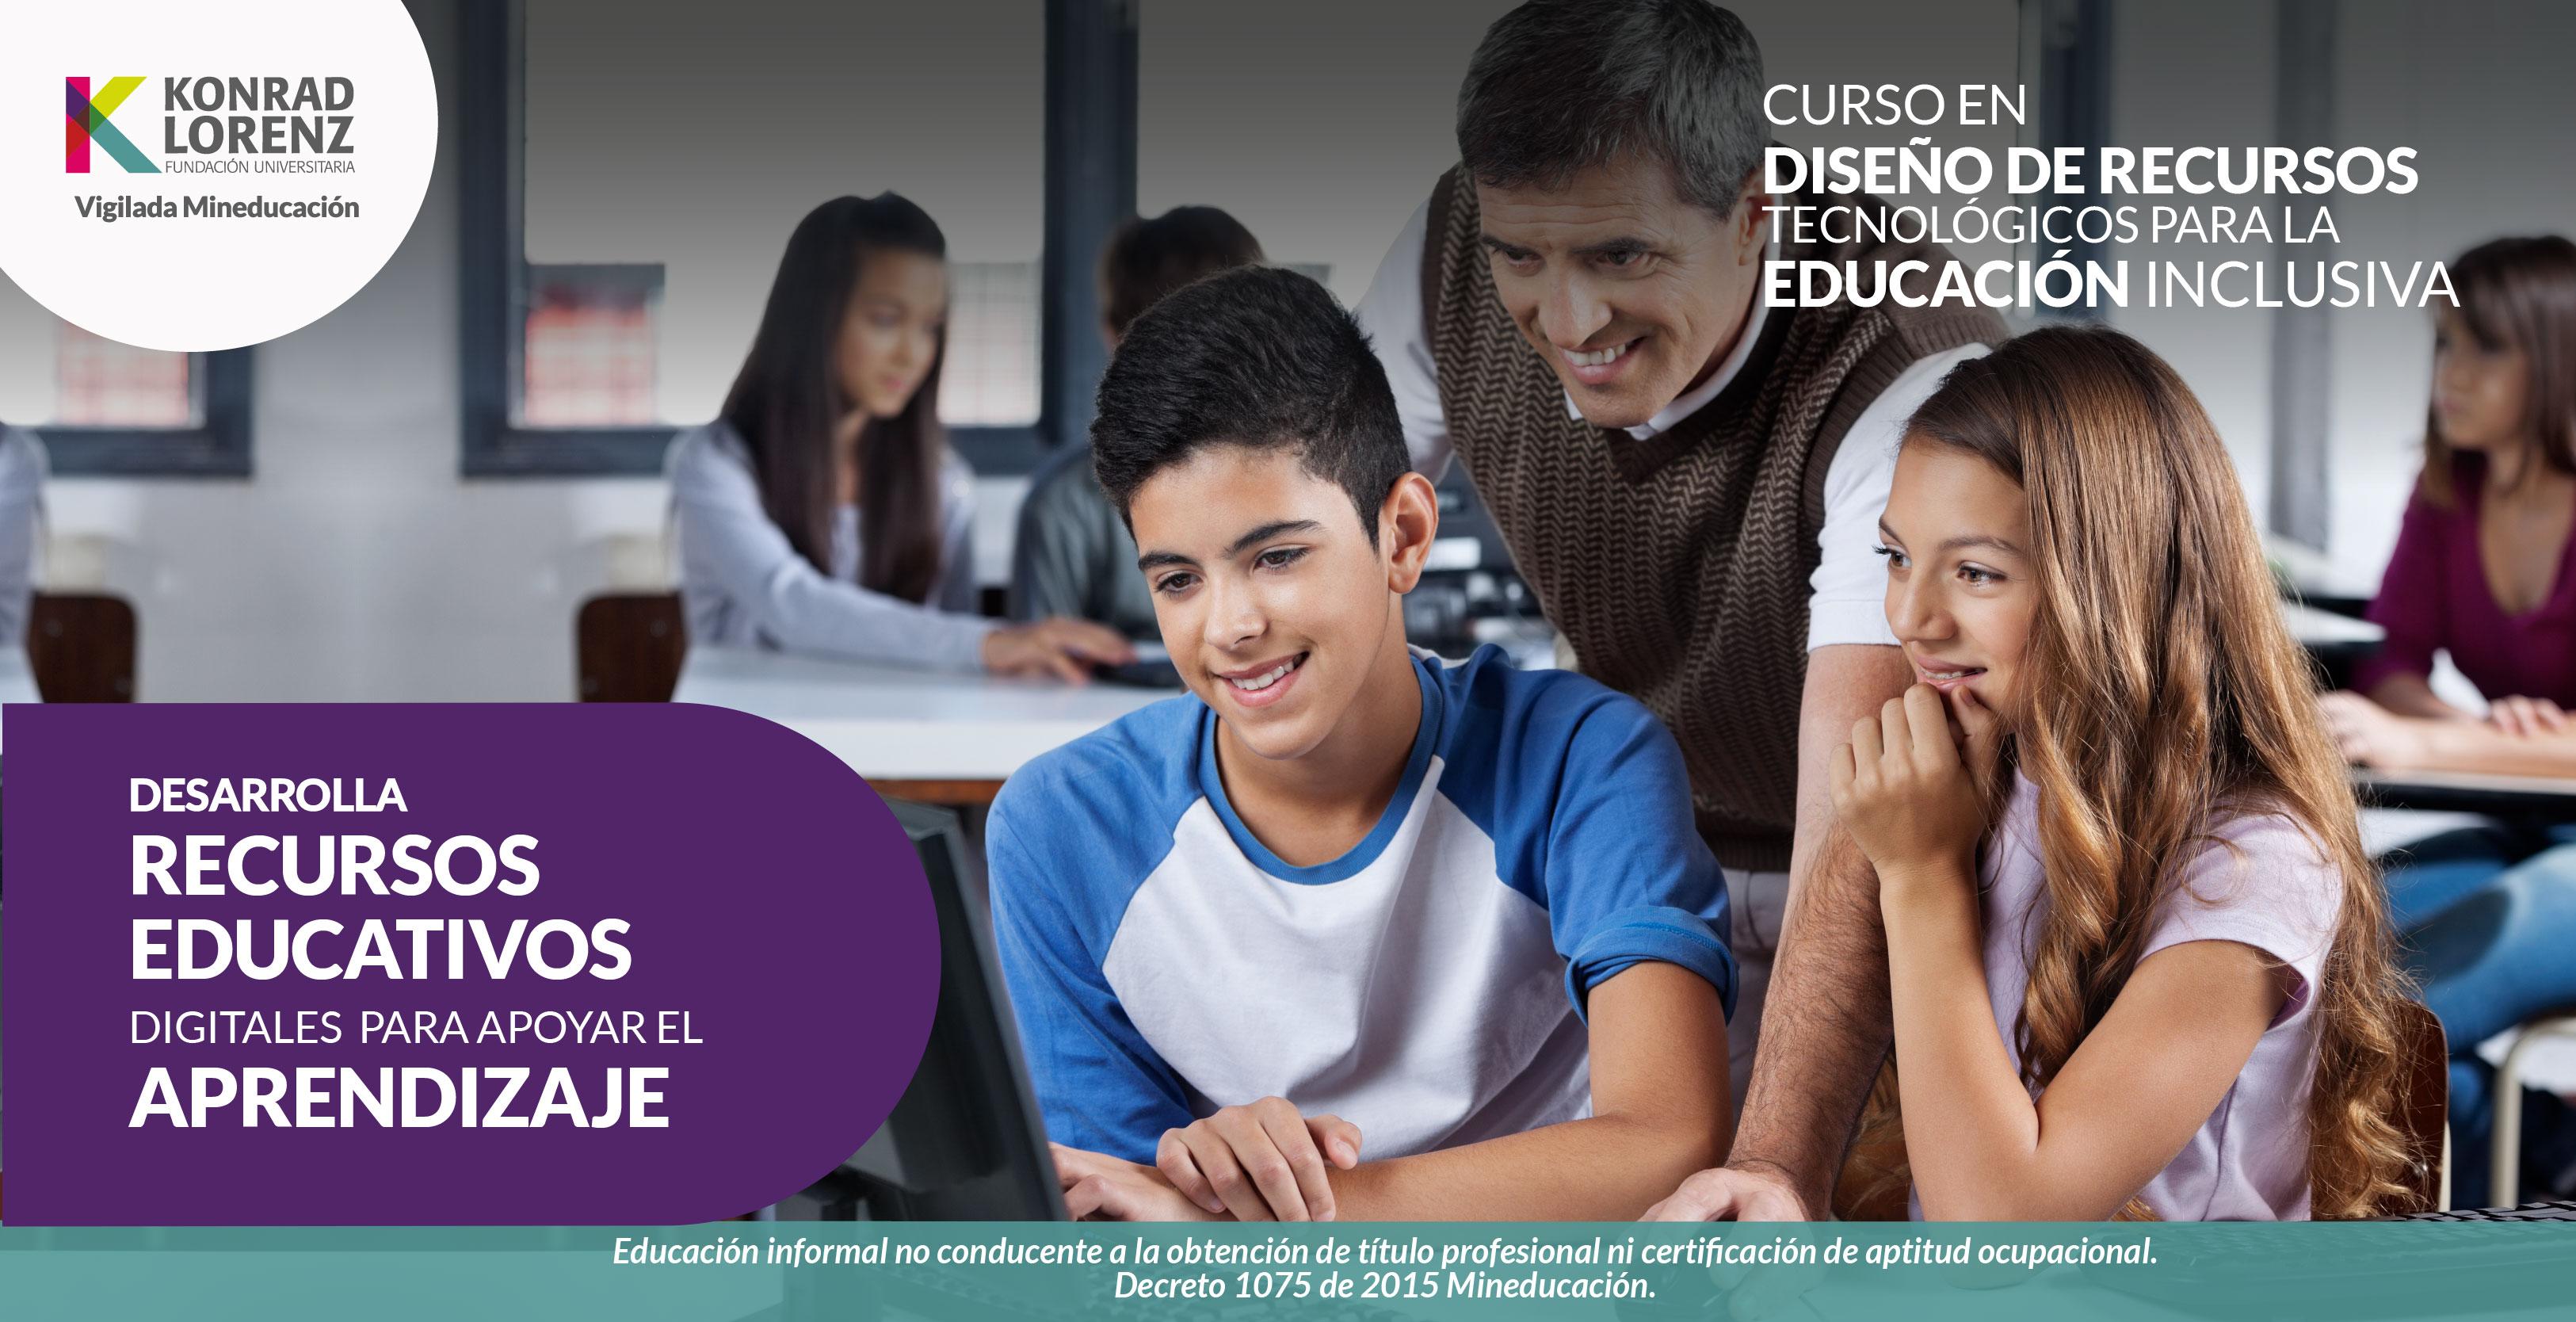 Diseño de Herramientas Tecnologicas para Educacion Inclusiva